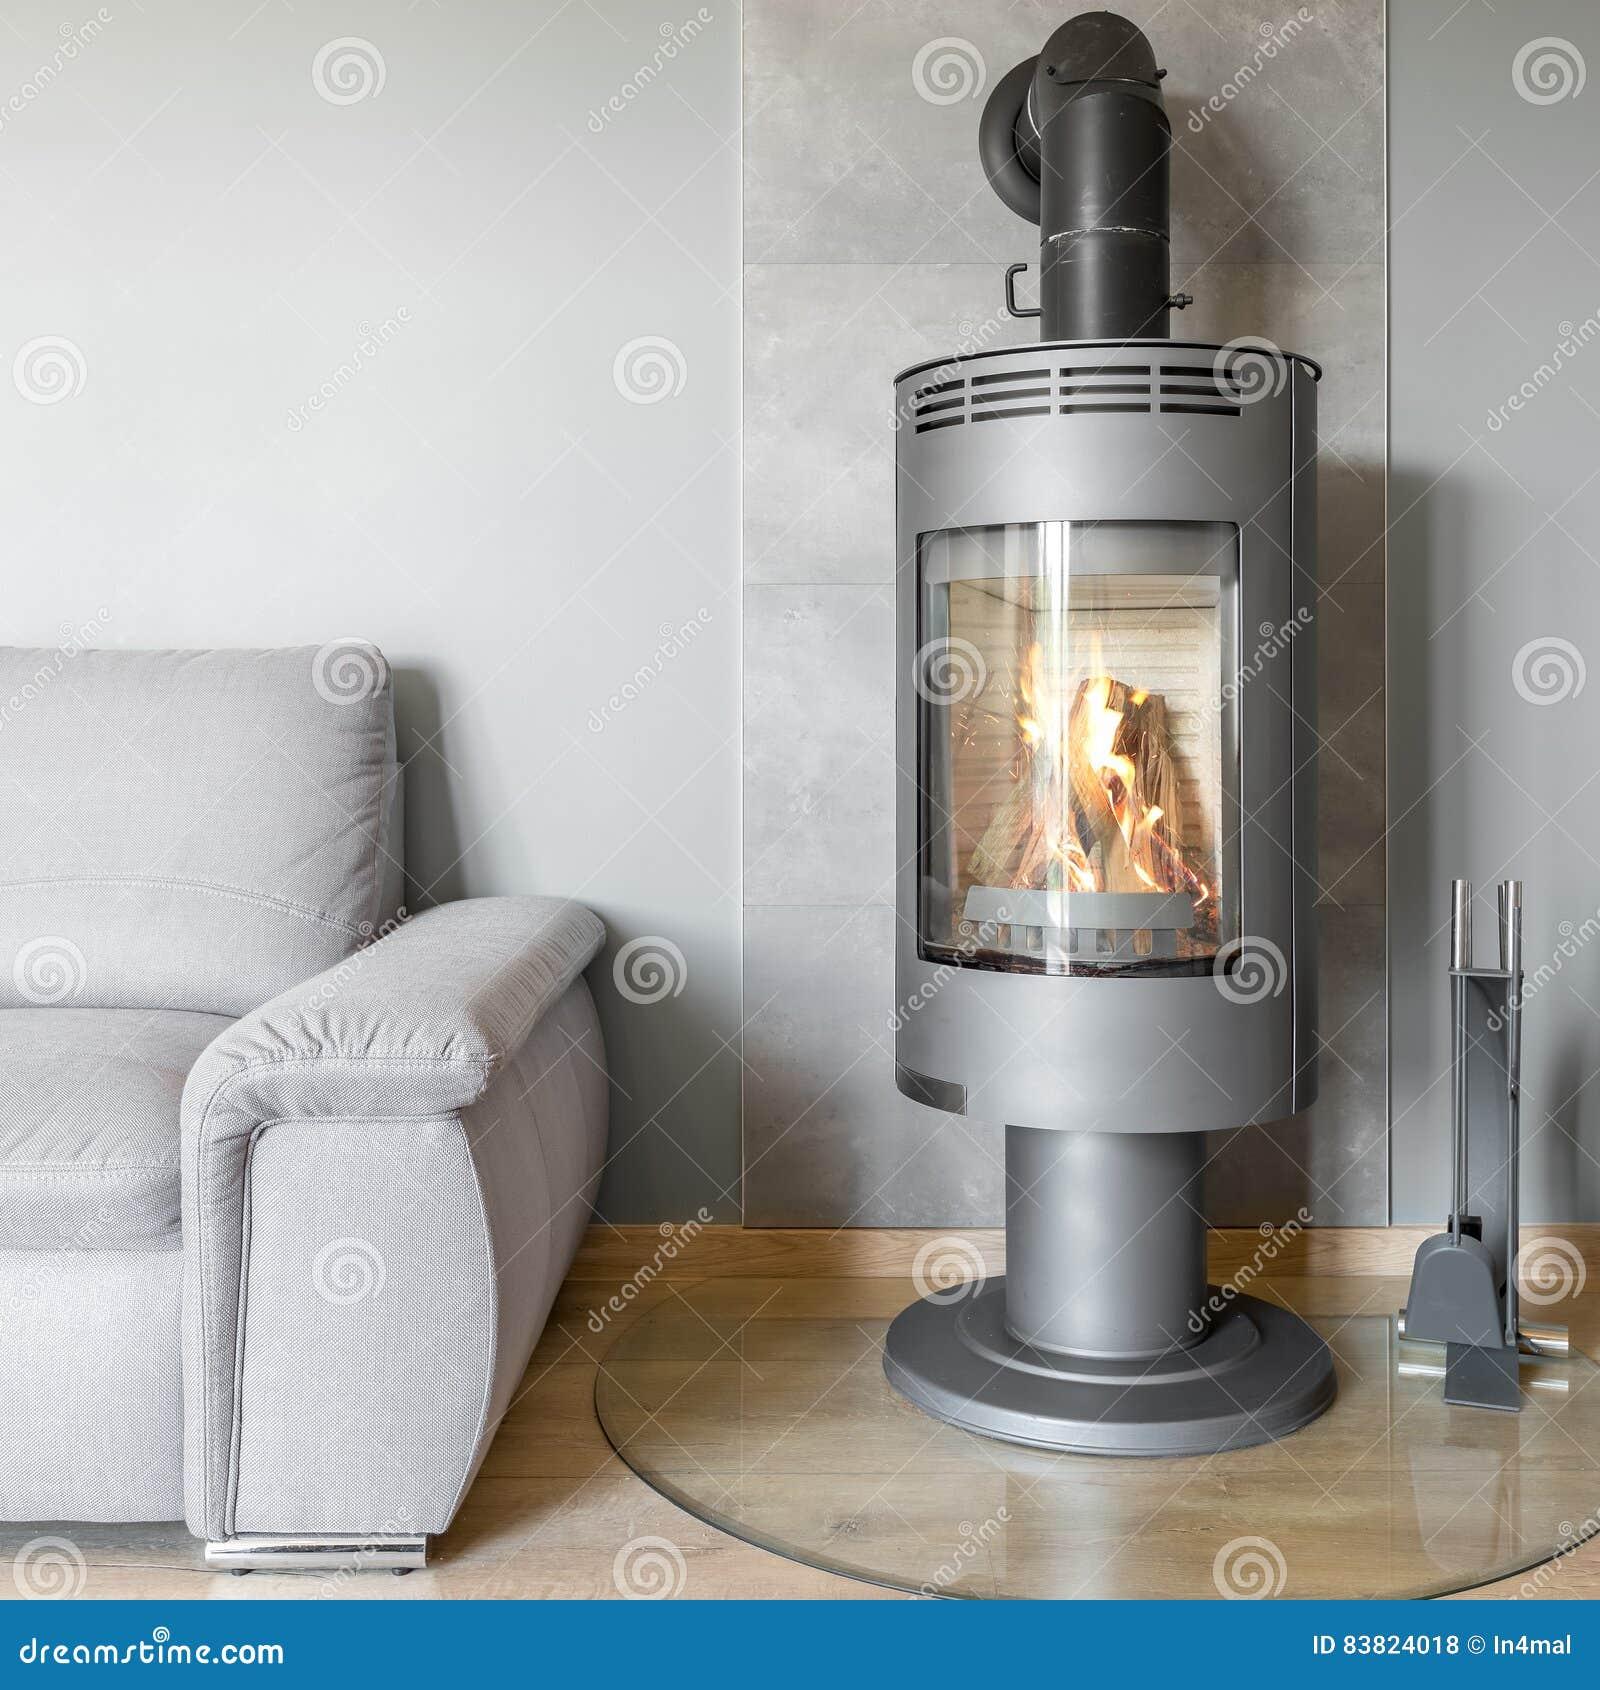 Idée De Cheminée Moderne salon avec la cheminée moderne photo stock - image du regard